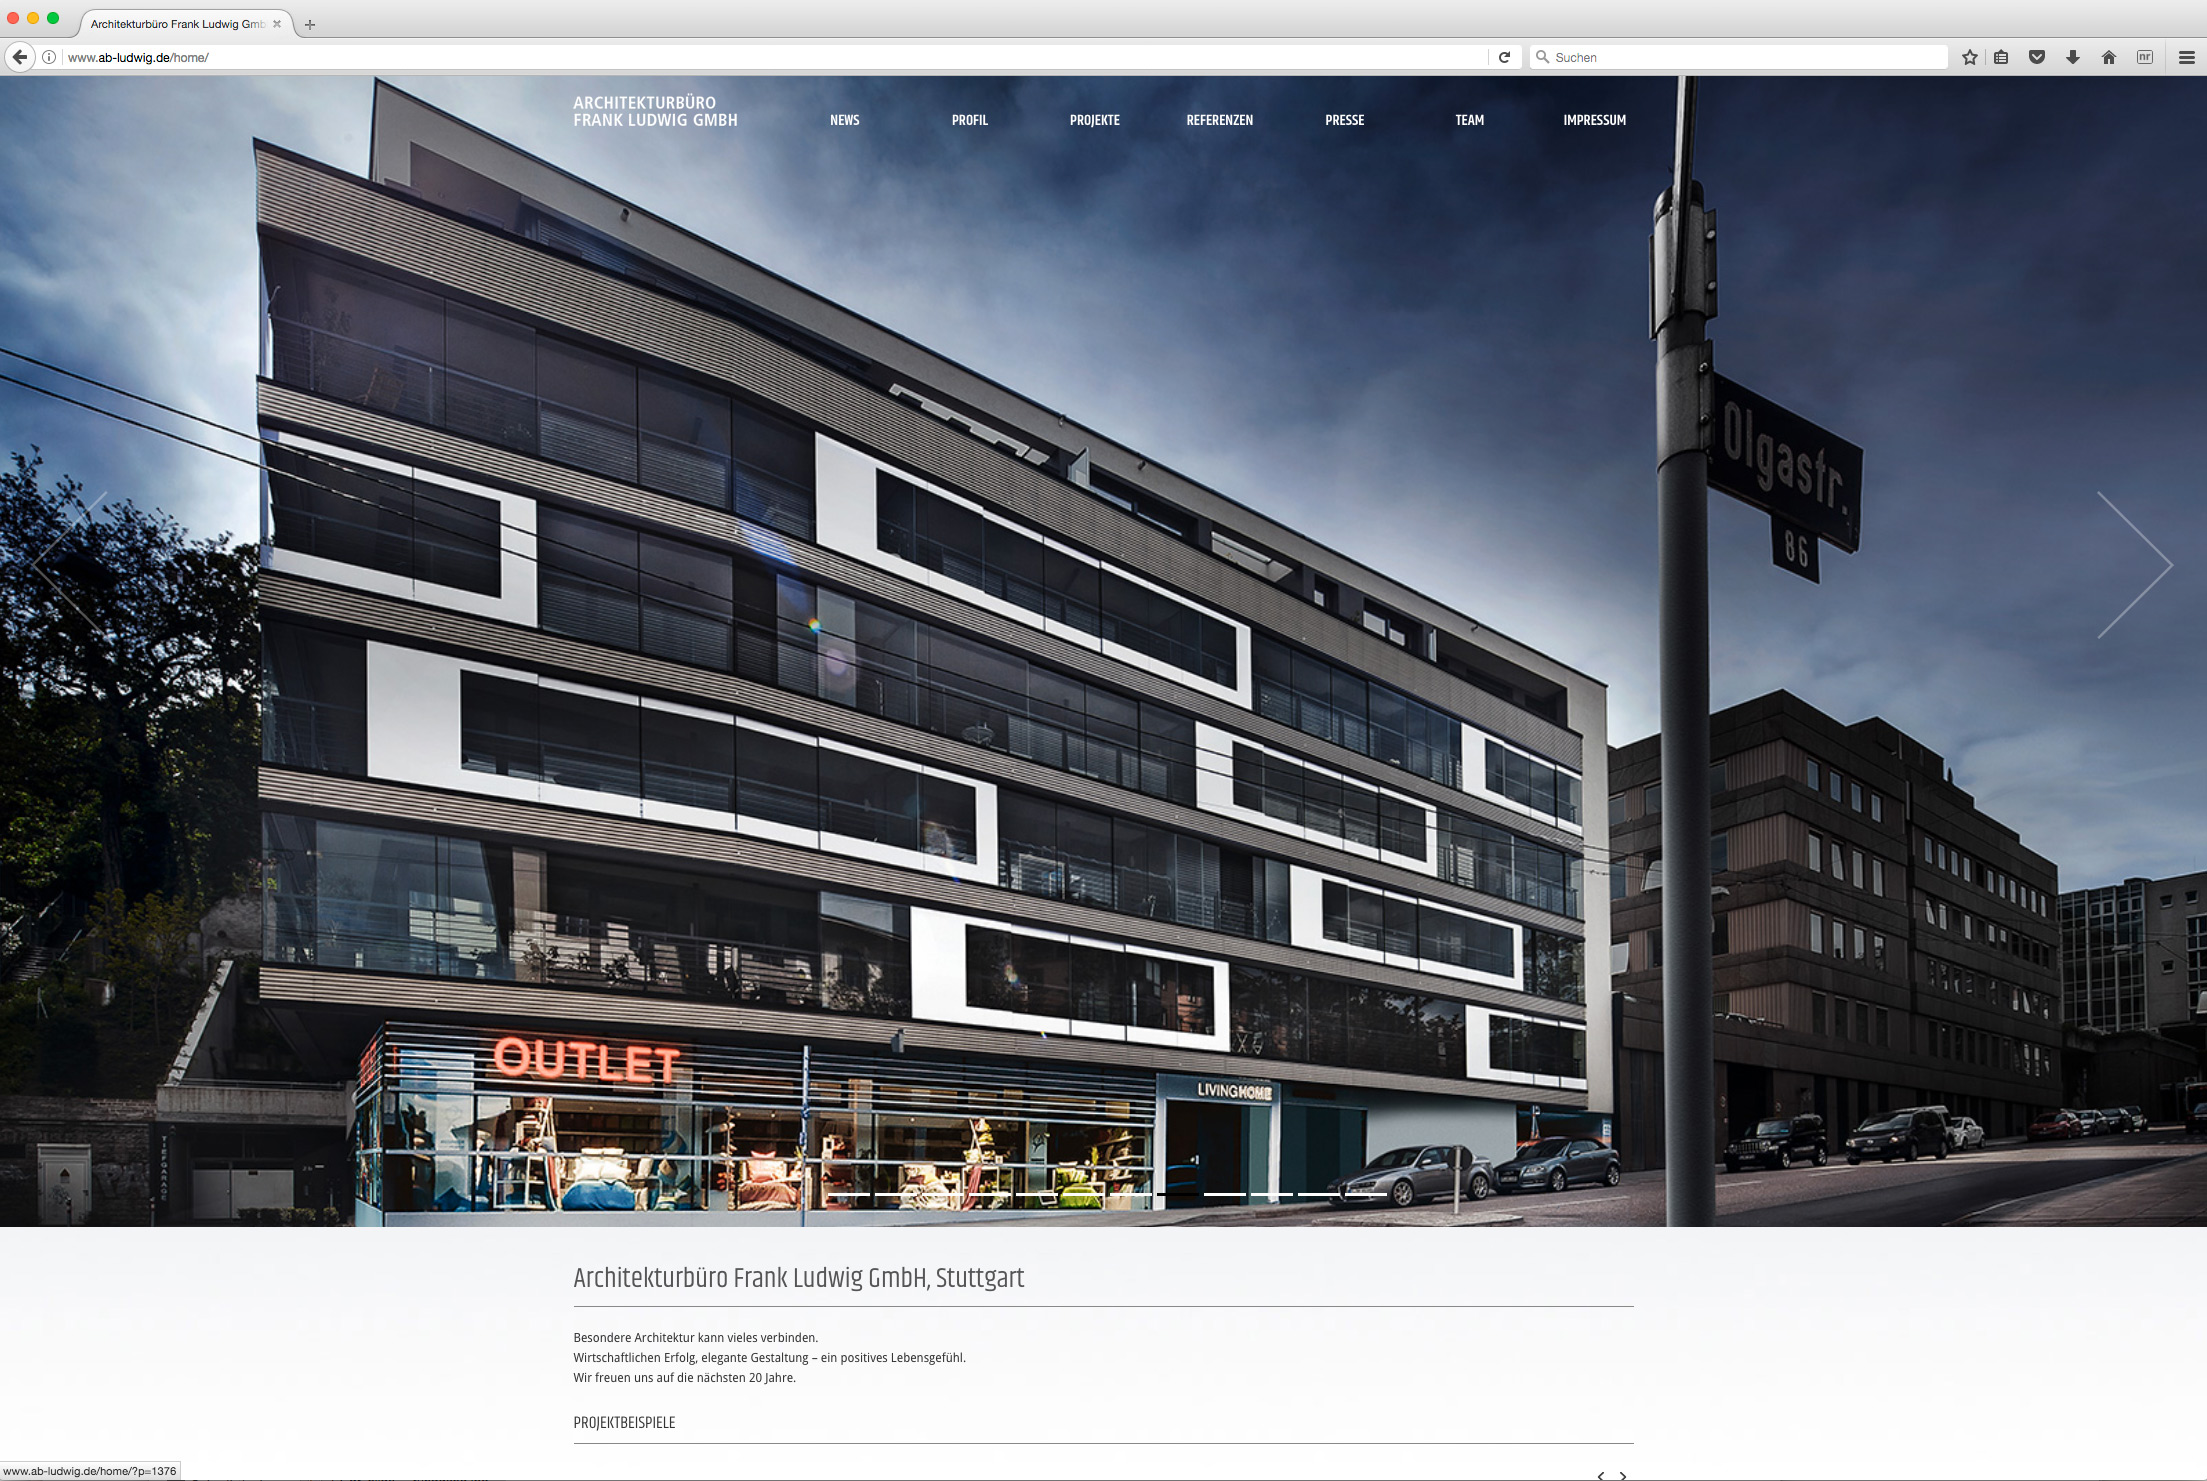 website architekturb ro frank ludwig gmbh geht online minister von hammerstein. Black Bedroom Furniture Sets. Home Design Ideas